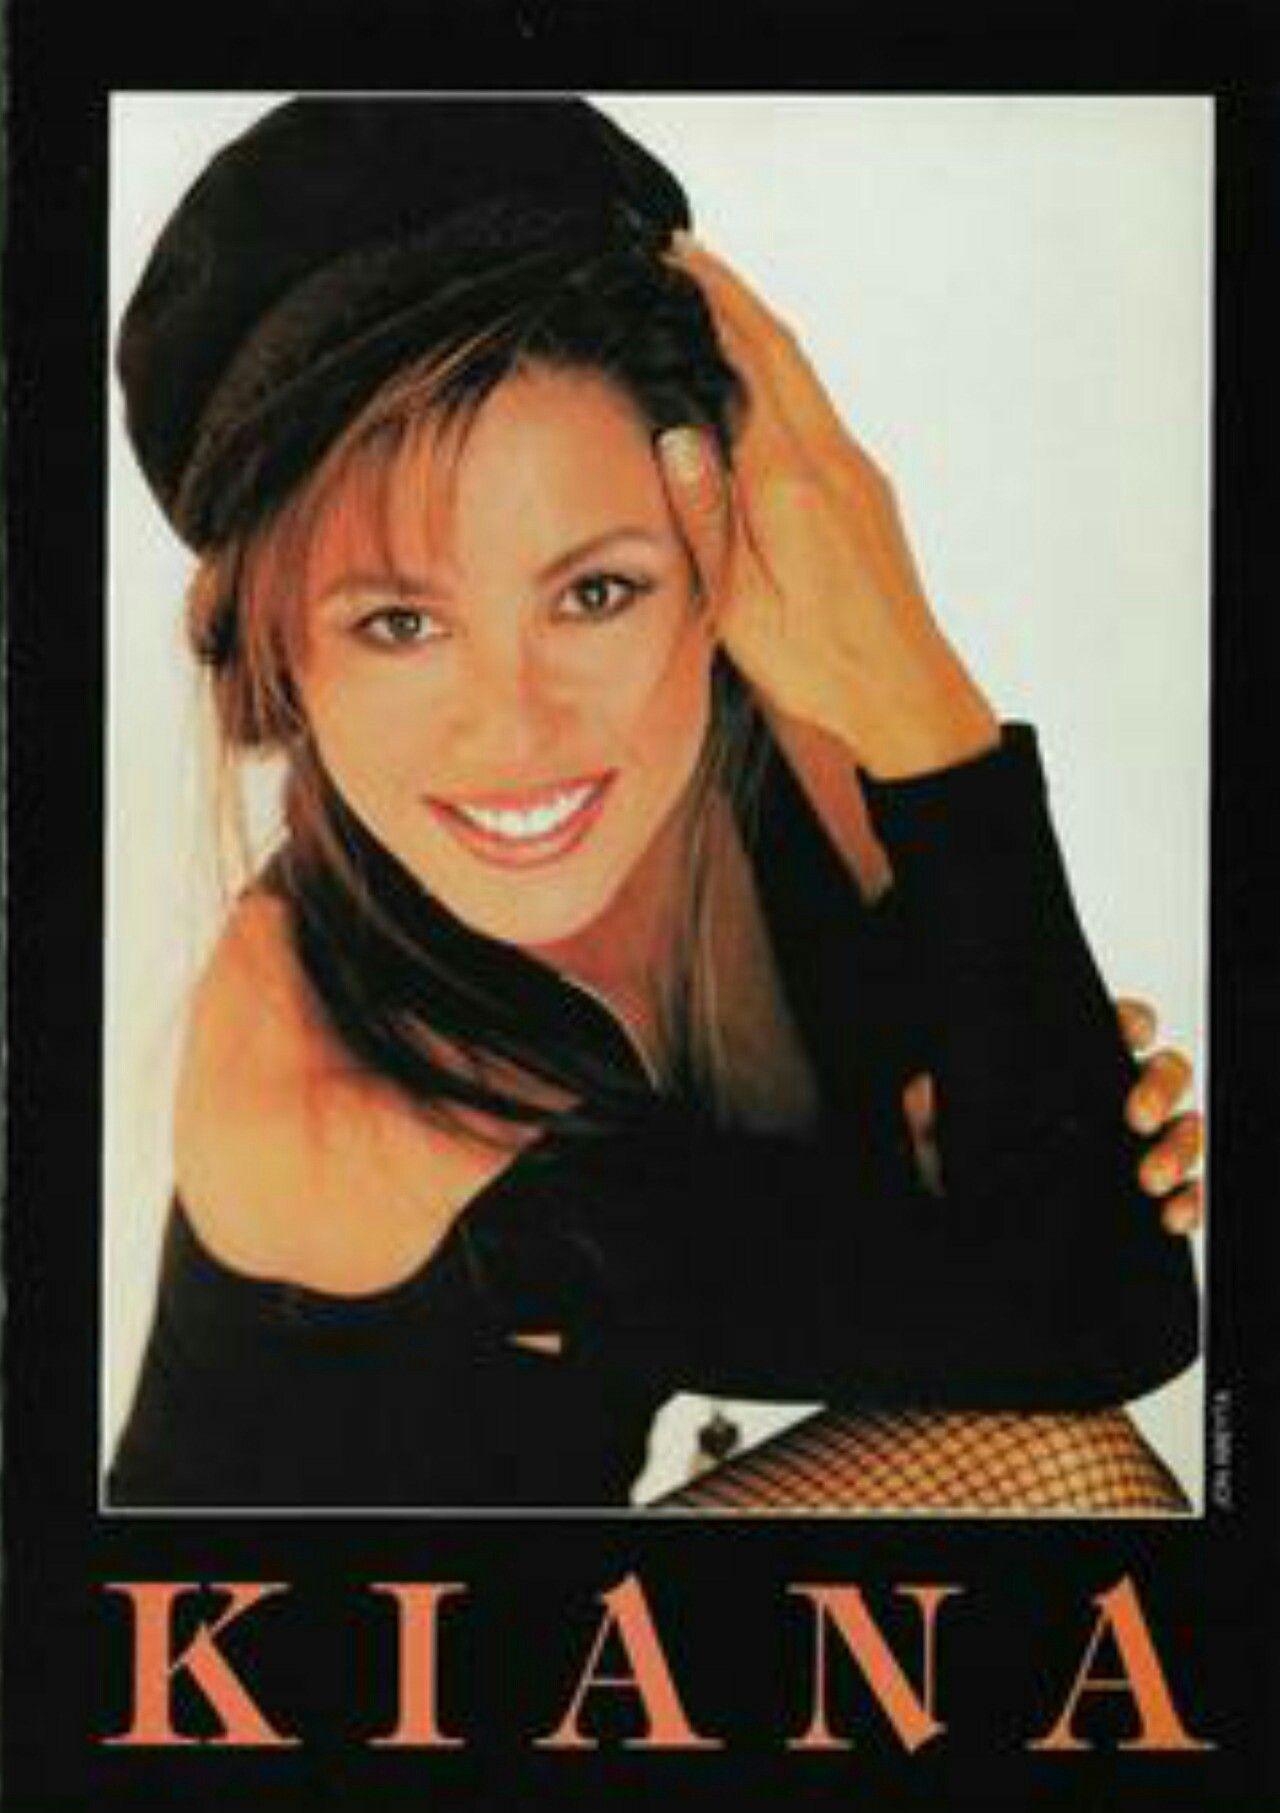 Eleonora Giorgi (born 1953),Cristina Schultz Hot clip Chloe Grace Moretz,Yvette Nicole Brown